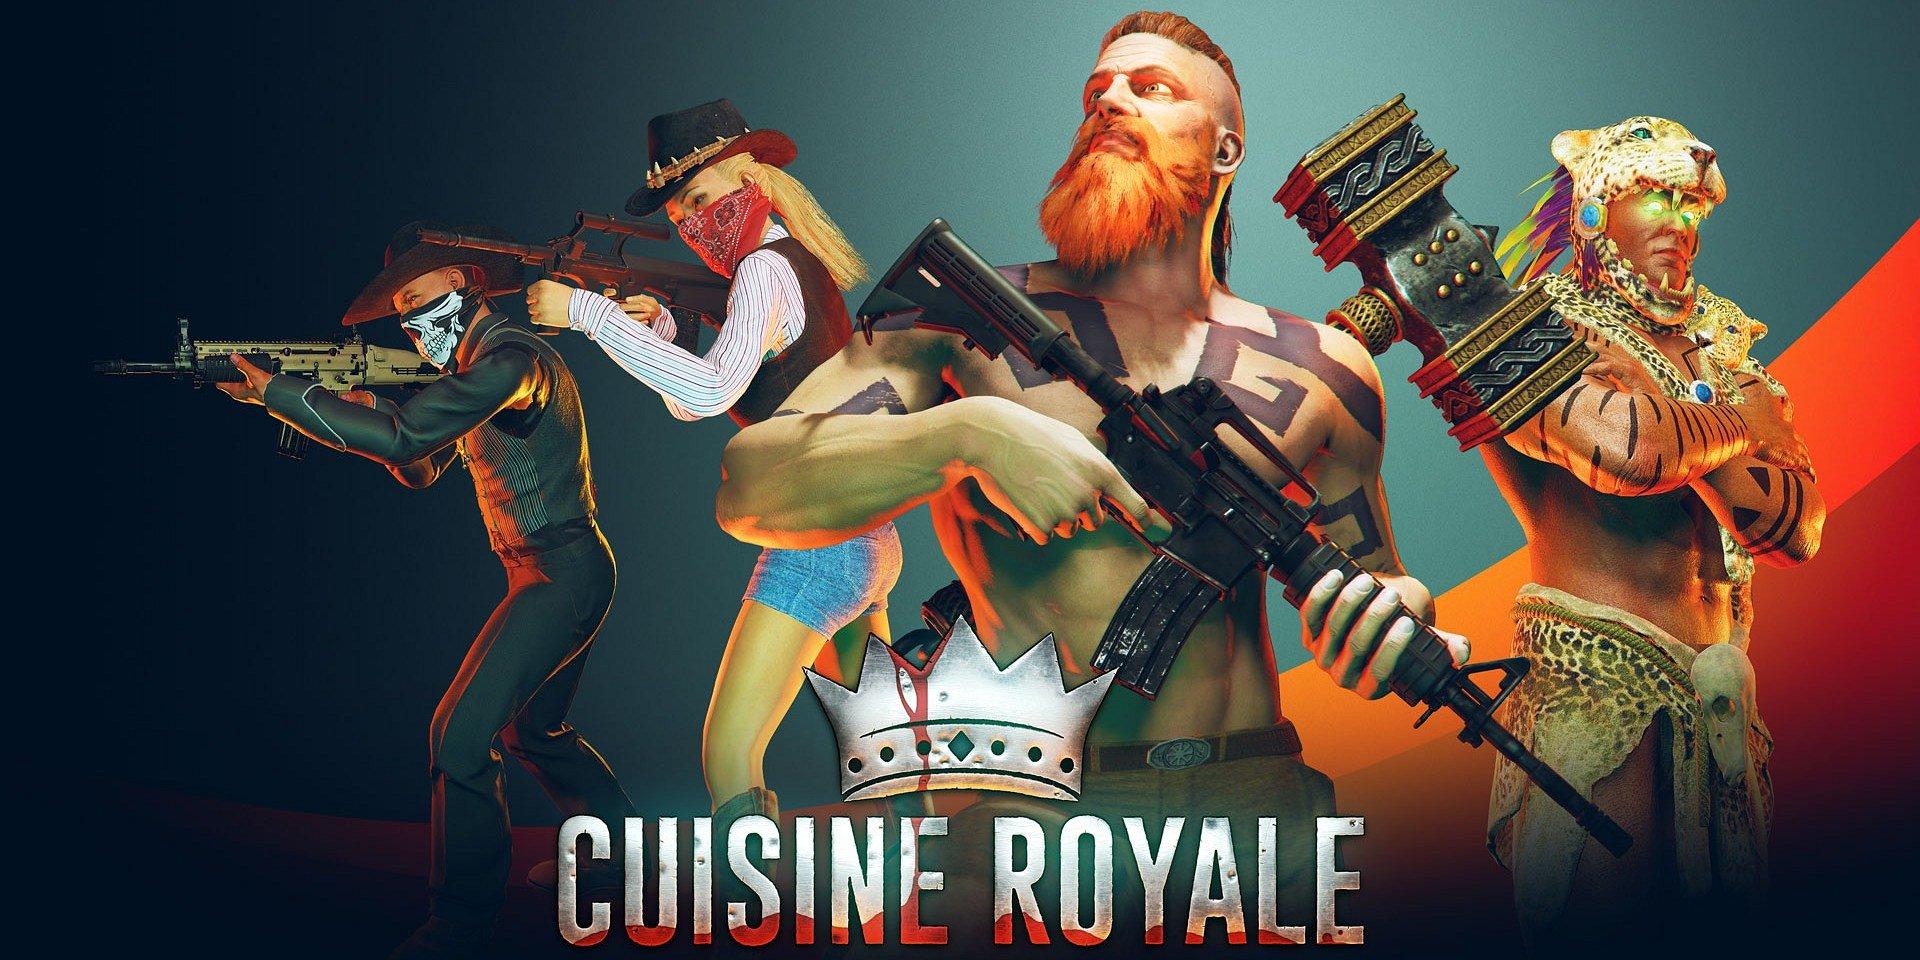 Brutální online střílečka Cuisine Royale je oficiálně spuštěna na PC, Xbox One and PlayStation 4